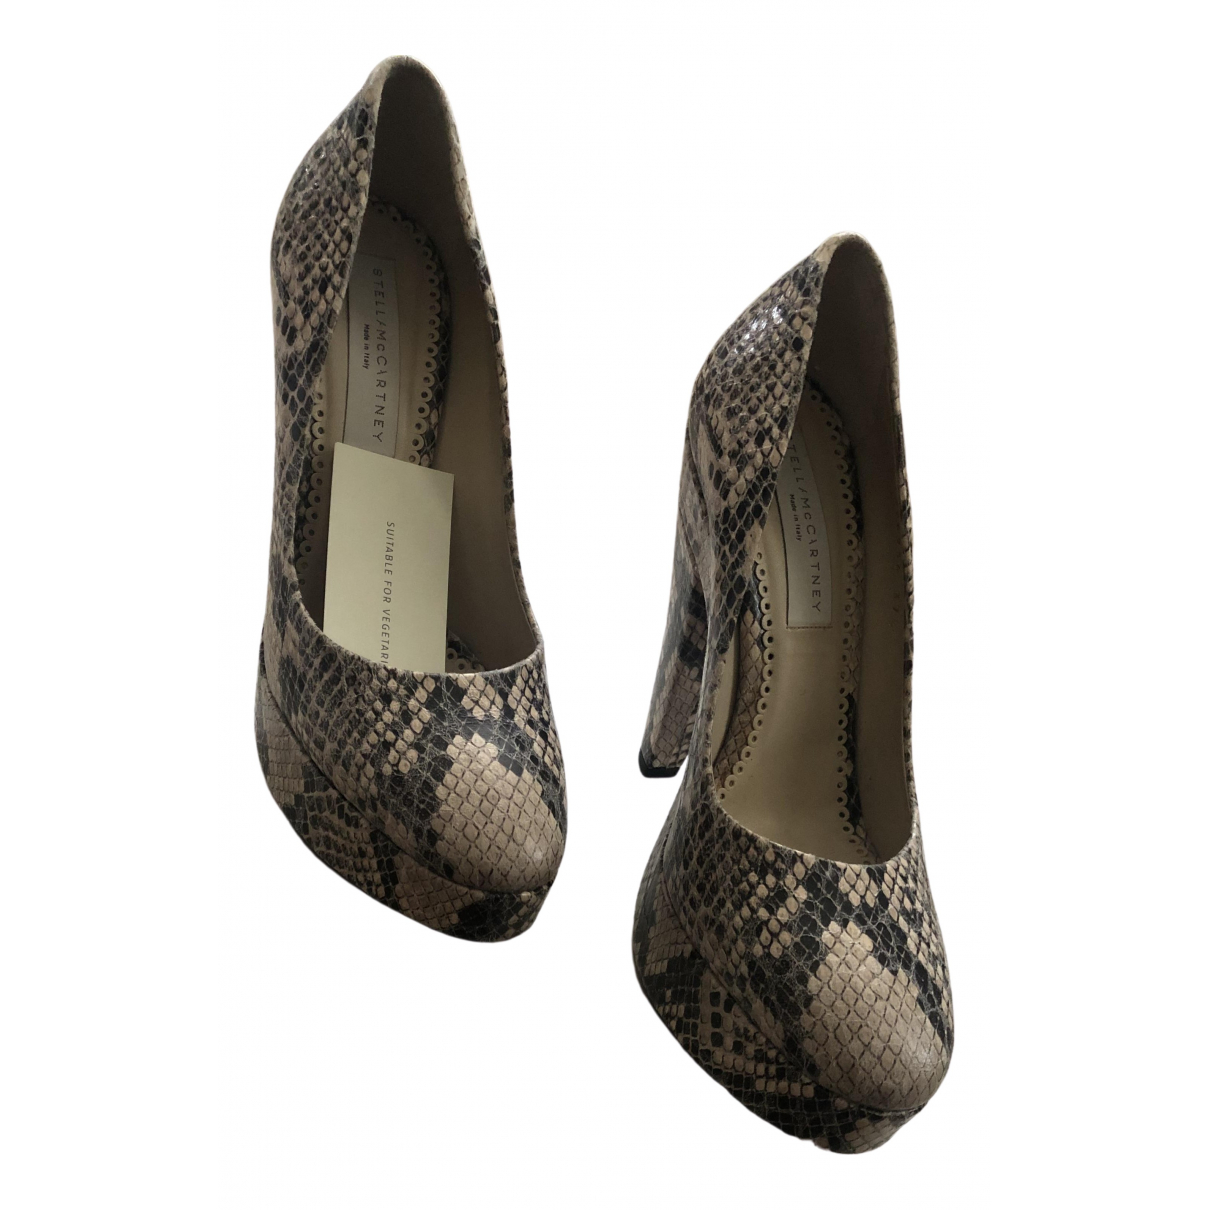 Stella Mccartney \N Beige Leather Heels for Women 4.5 UK